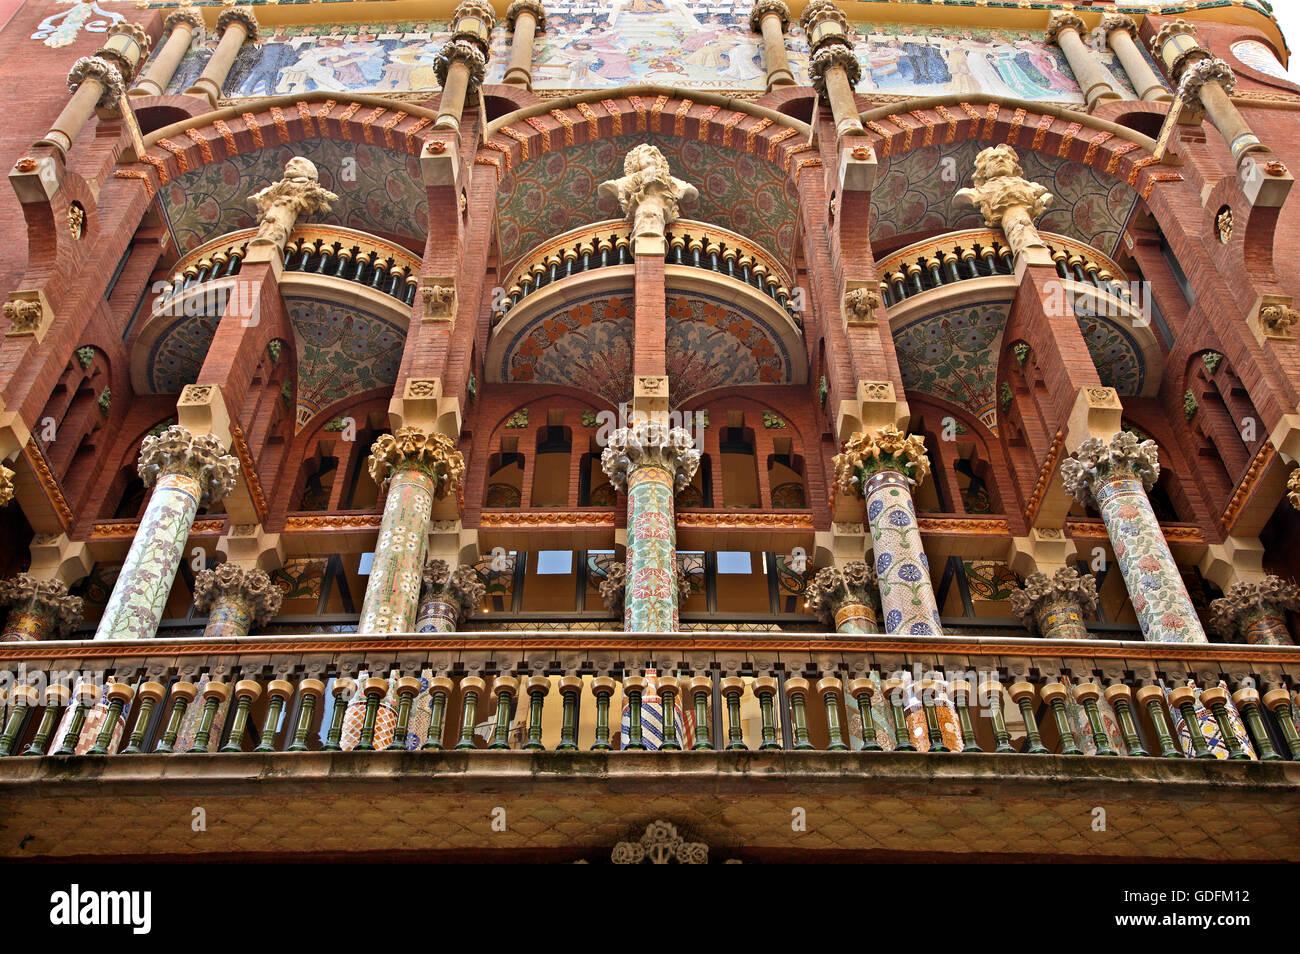 La colorida balcón del Palau de la Música Catalana, Barcelona, Cataluña, España. Imagen De Stock